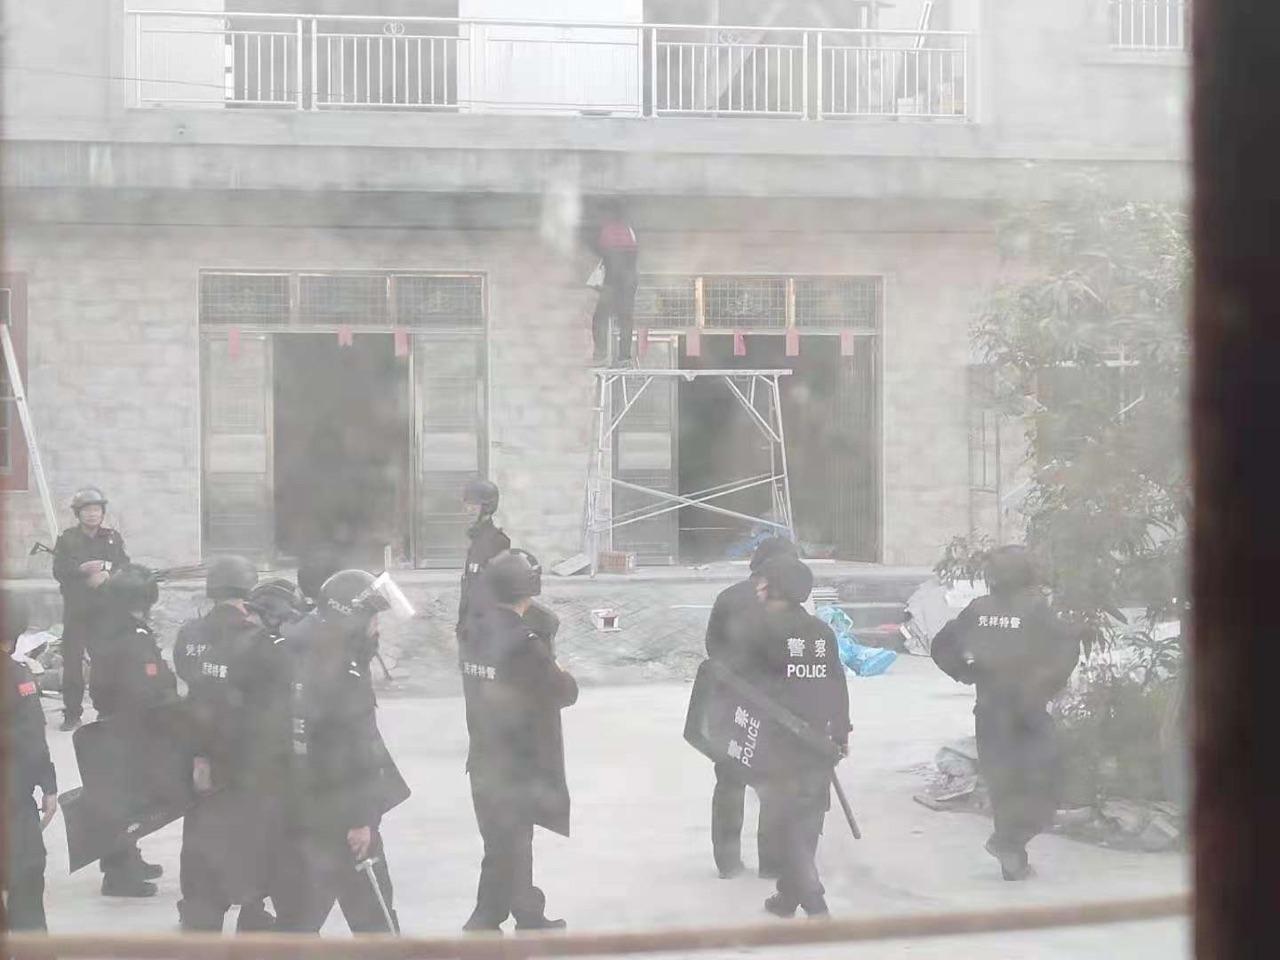 11月29日下午,防暴警察進村抓捕村民。(受訪者提供)